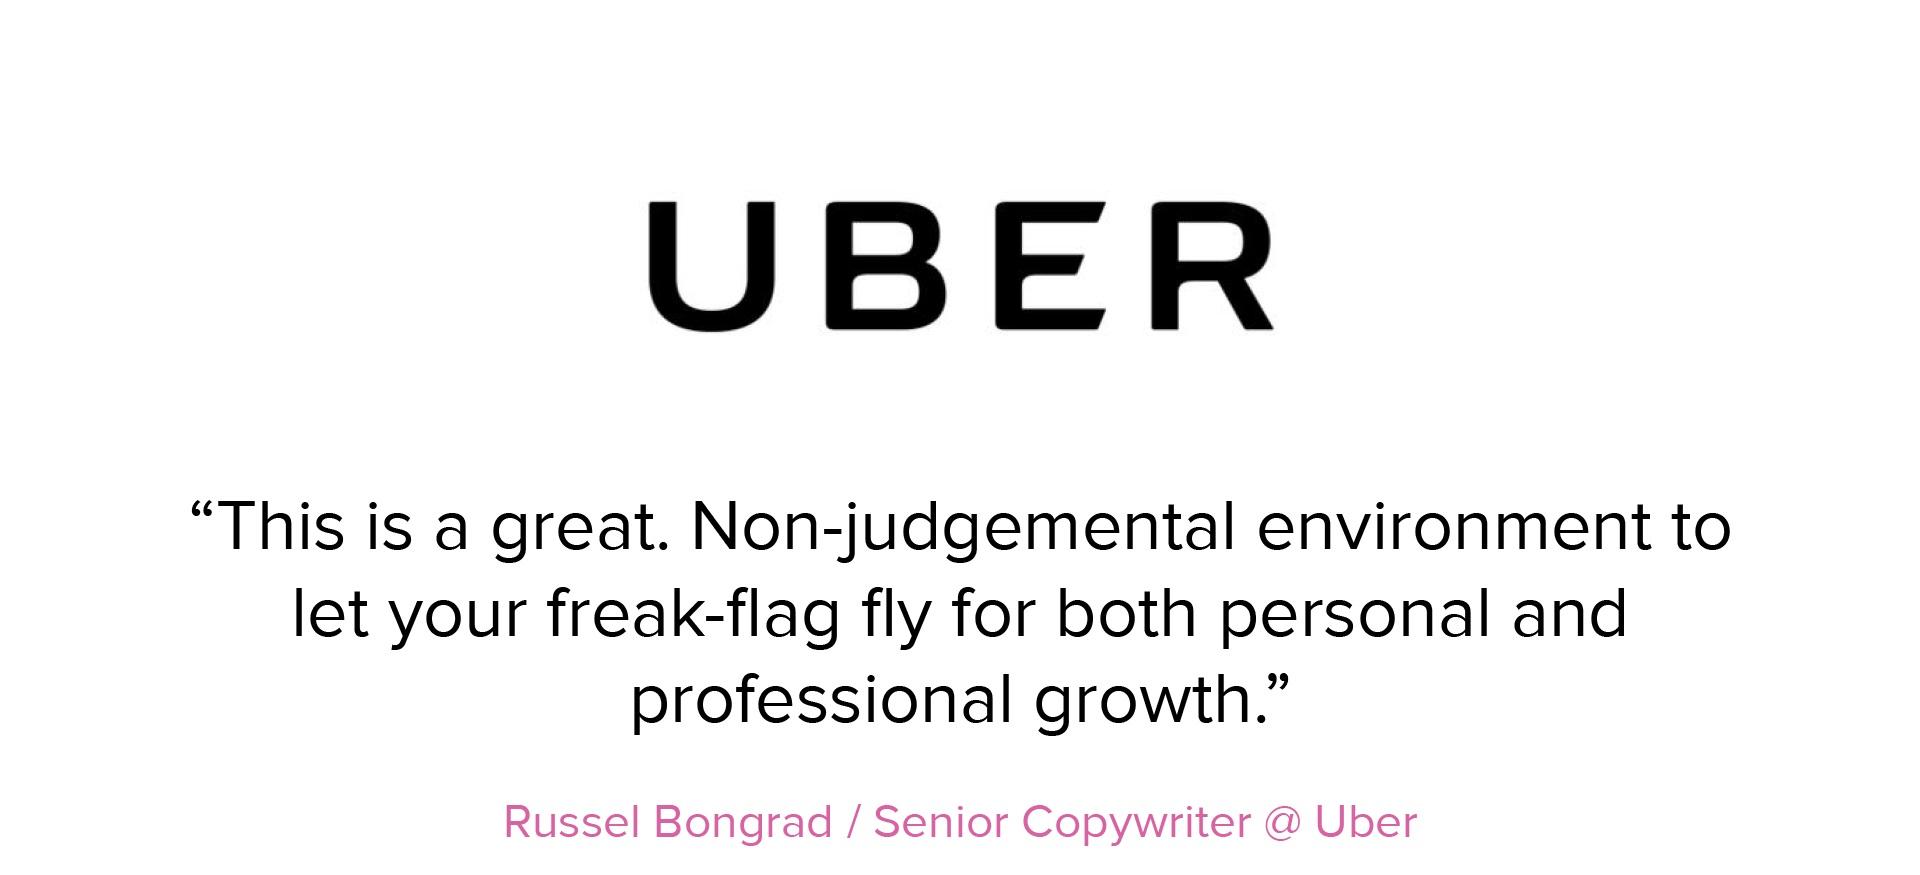 cred_uber.jpg